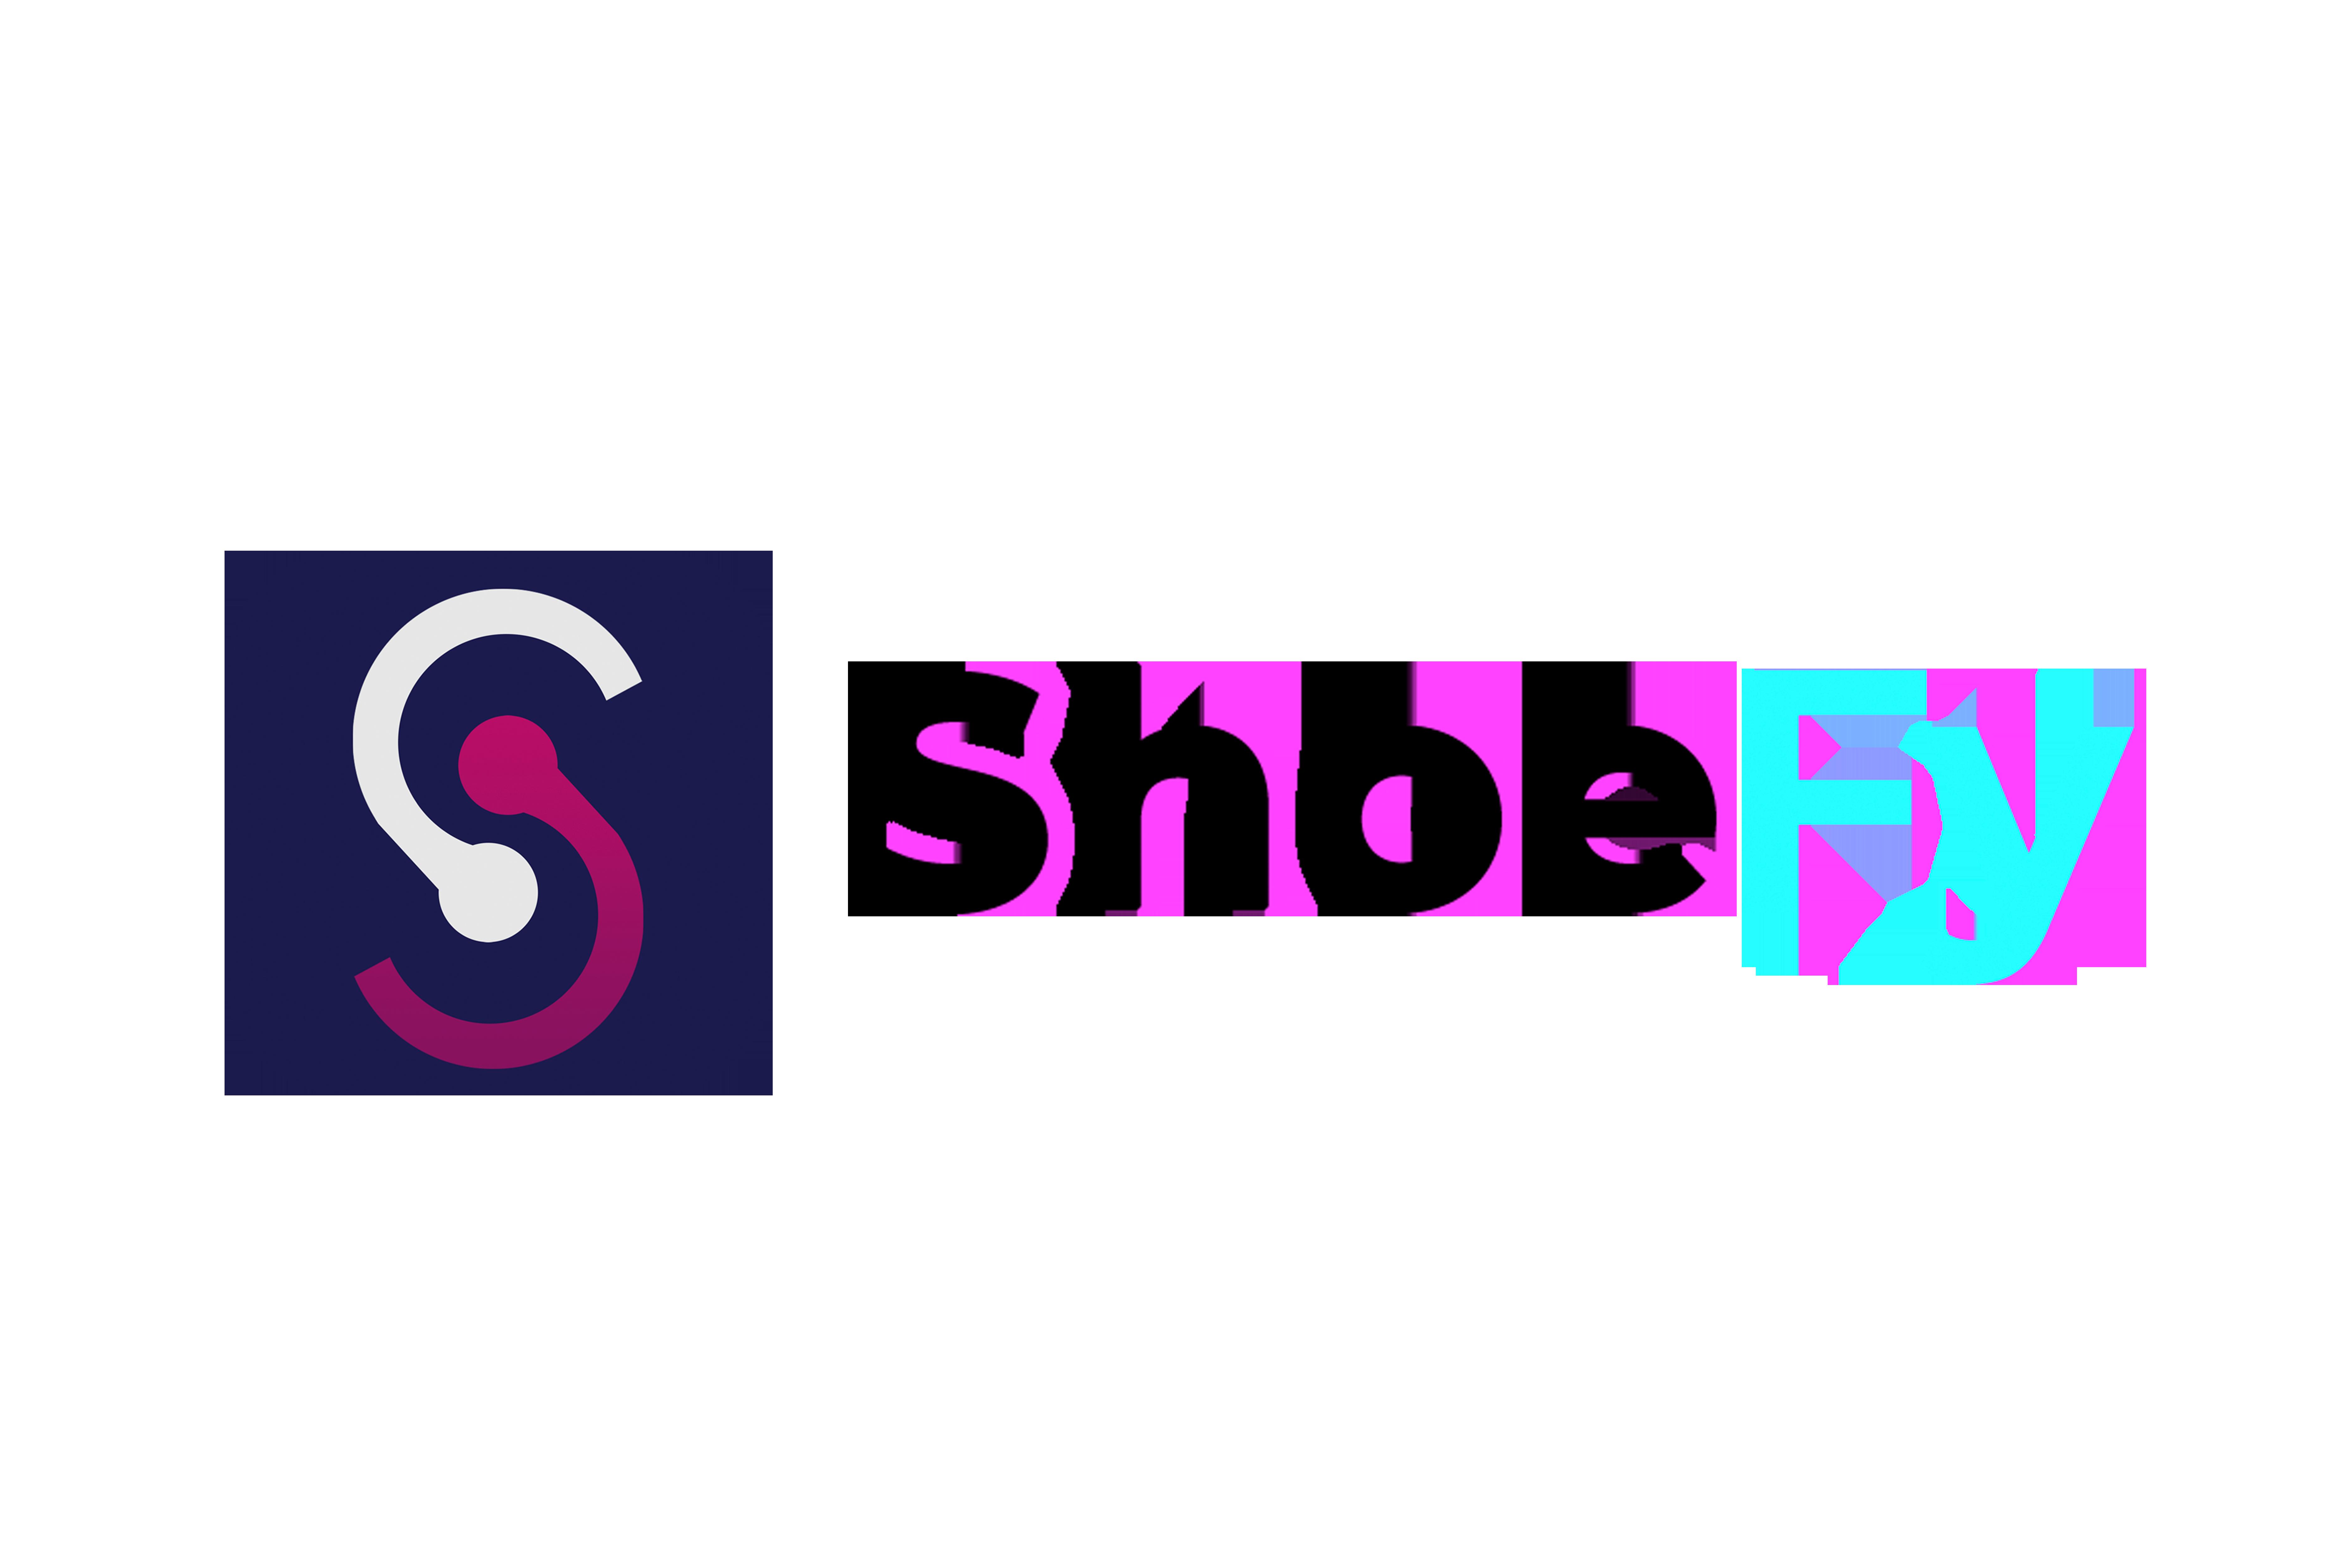 shoefy vc website logo